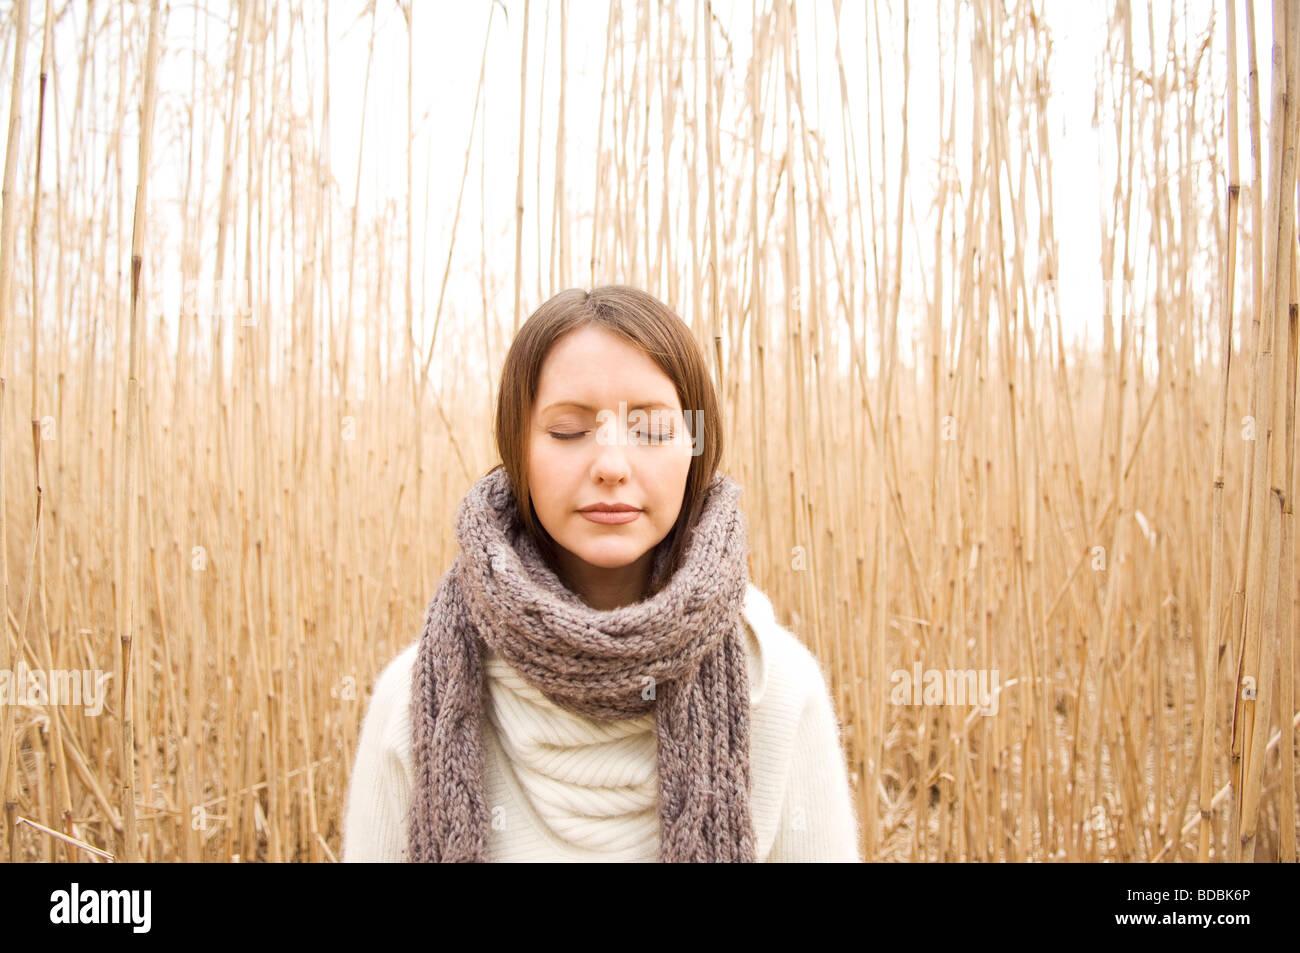 Porträt der jungen Frau im Herbst Stockfoto